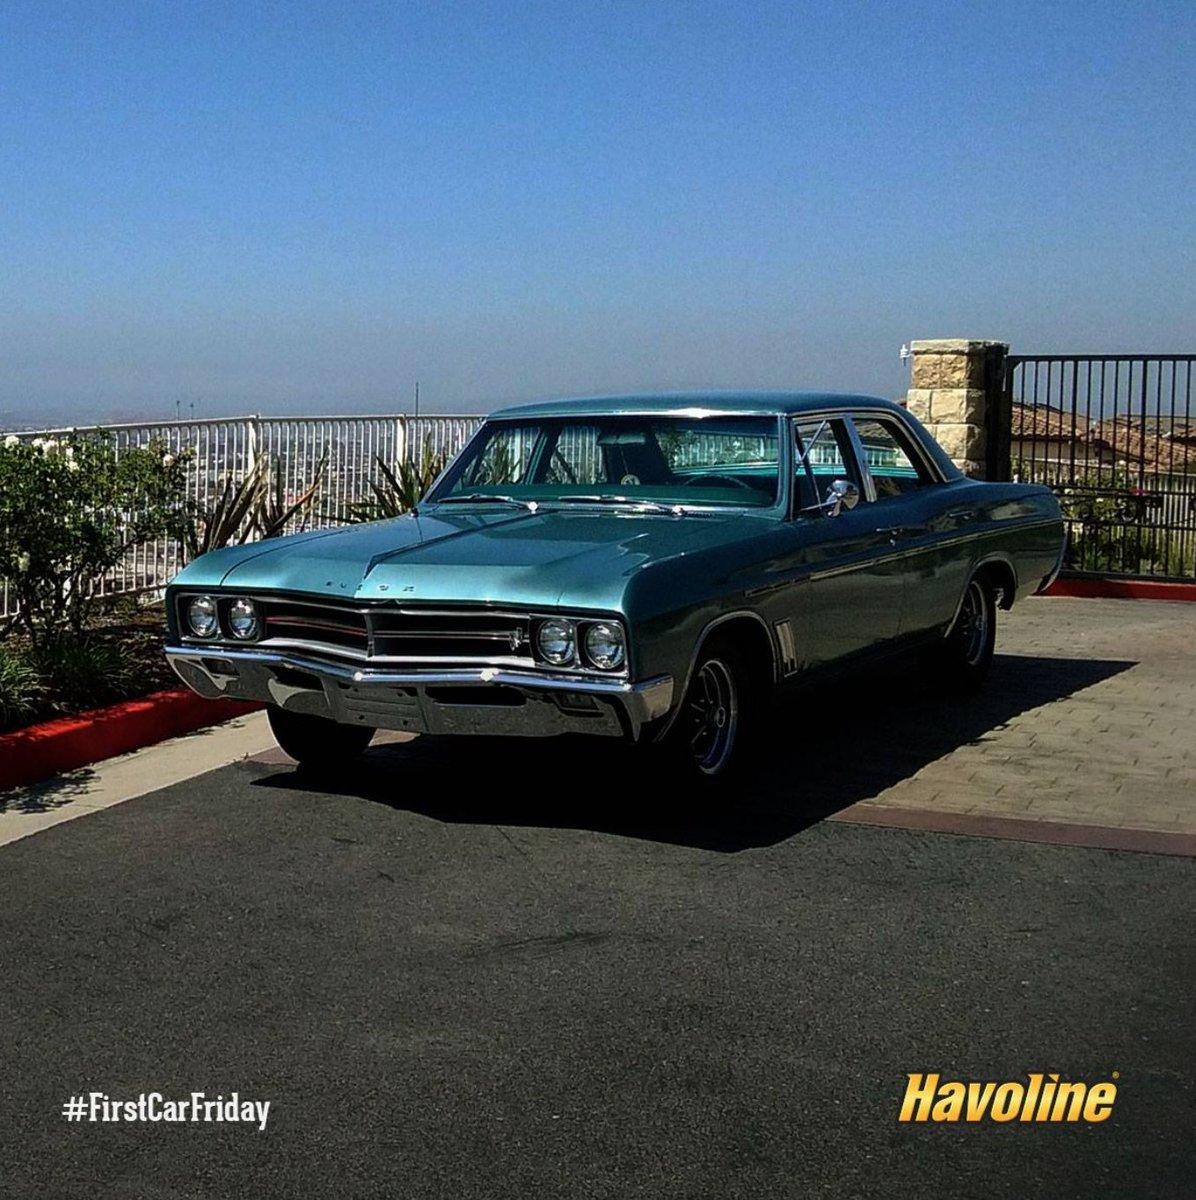 Havoline car giveaway